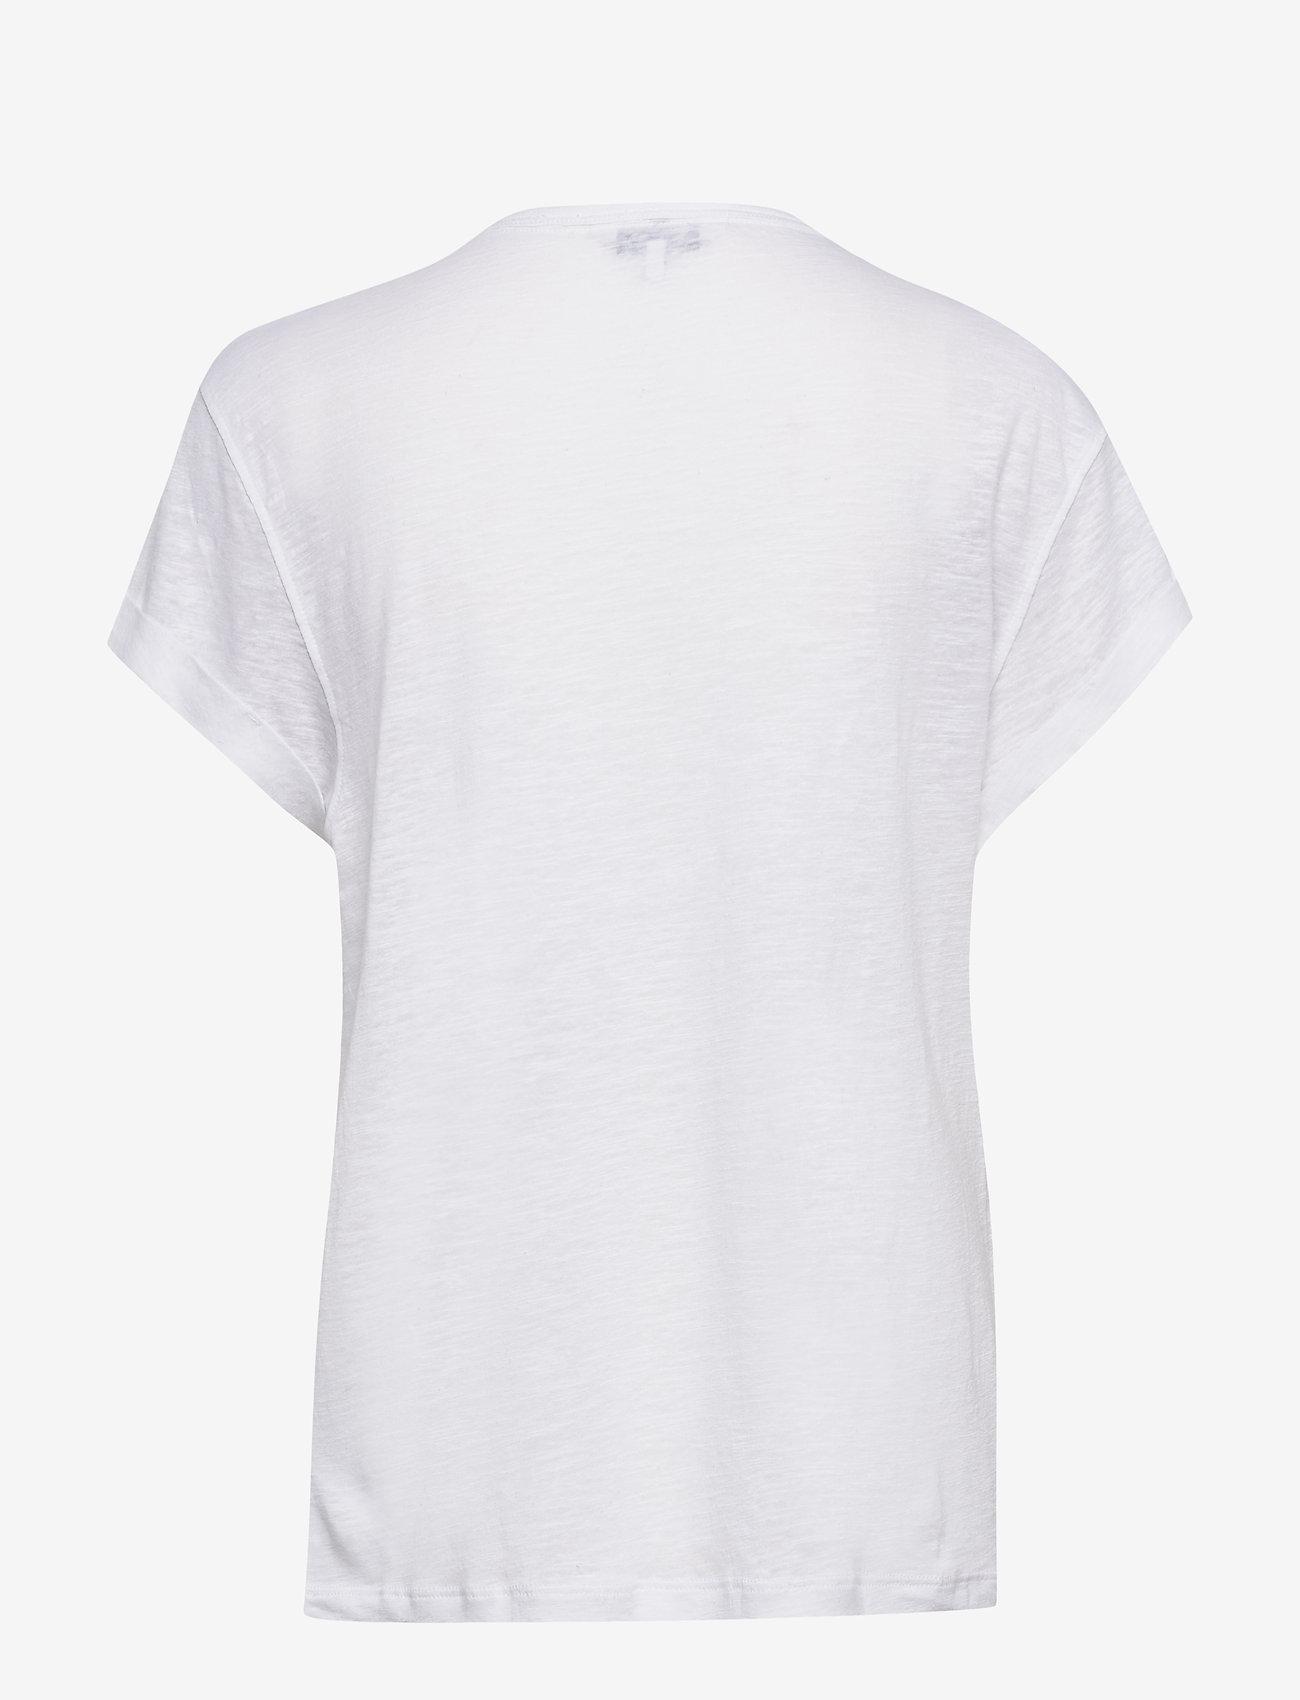 Tommy Hilfiger - VIKKI ROUND-NK TOP SS - t-shirts - white - 1